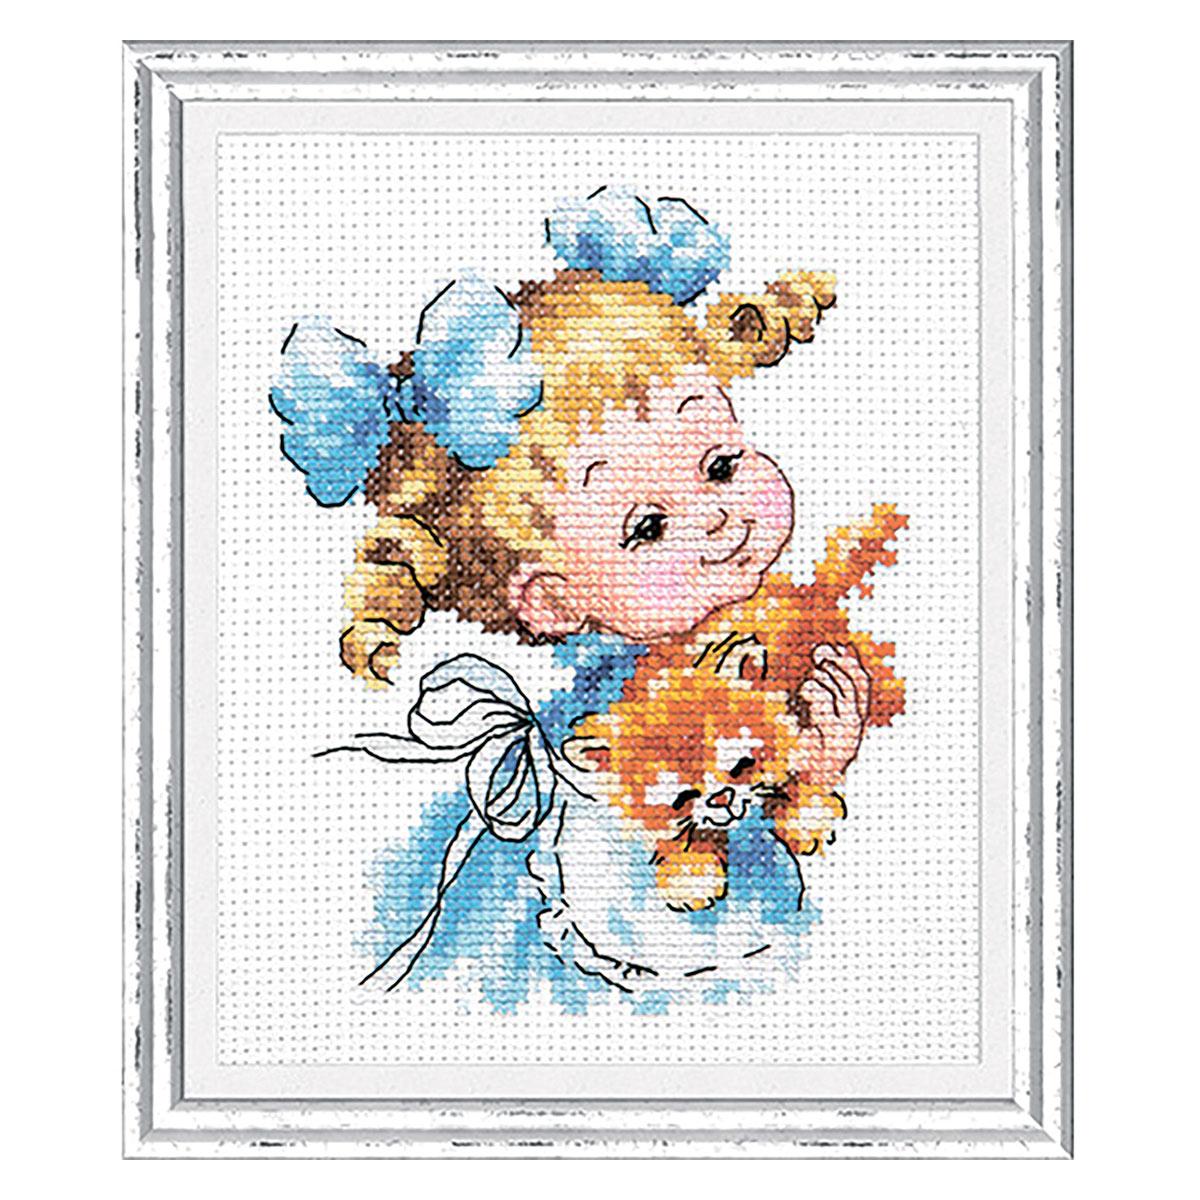 35-20 Набор для вышивания 'Чудесная игла' 'Ты мой маленький!', 10*13 см